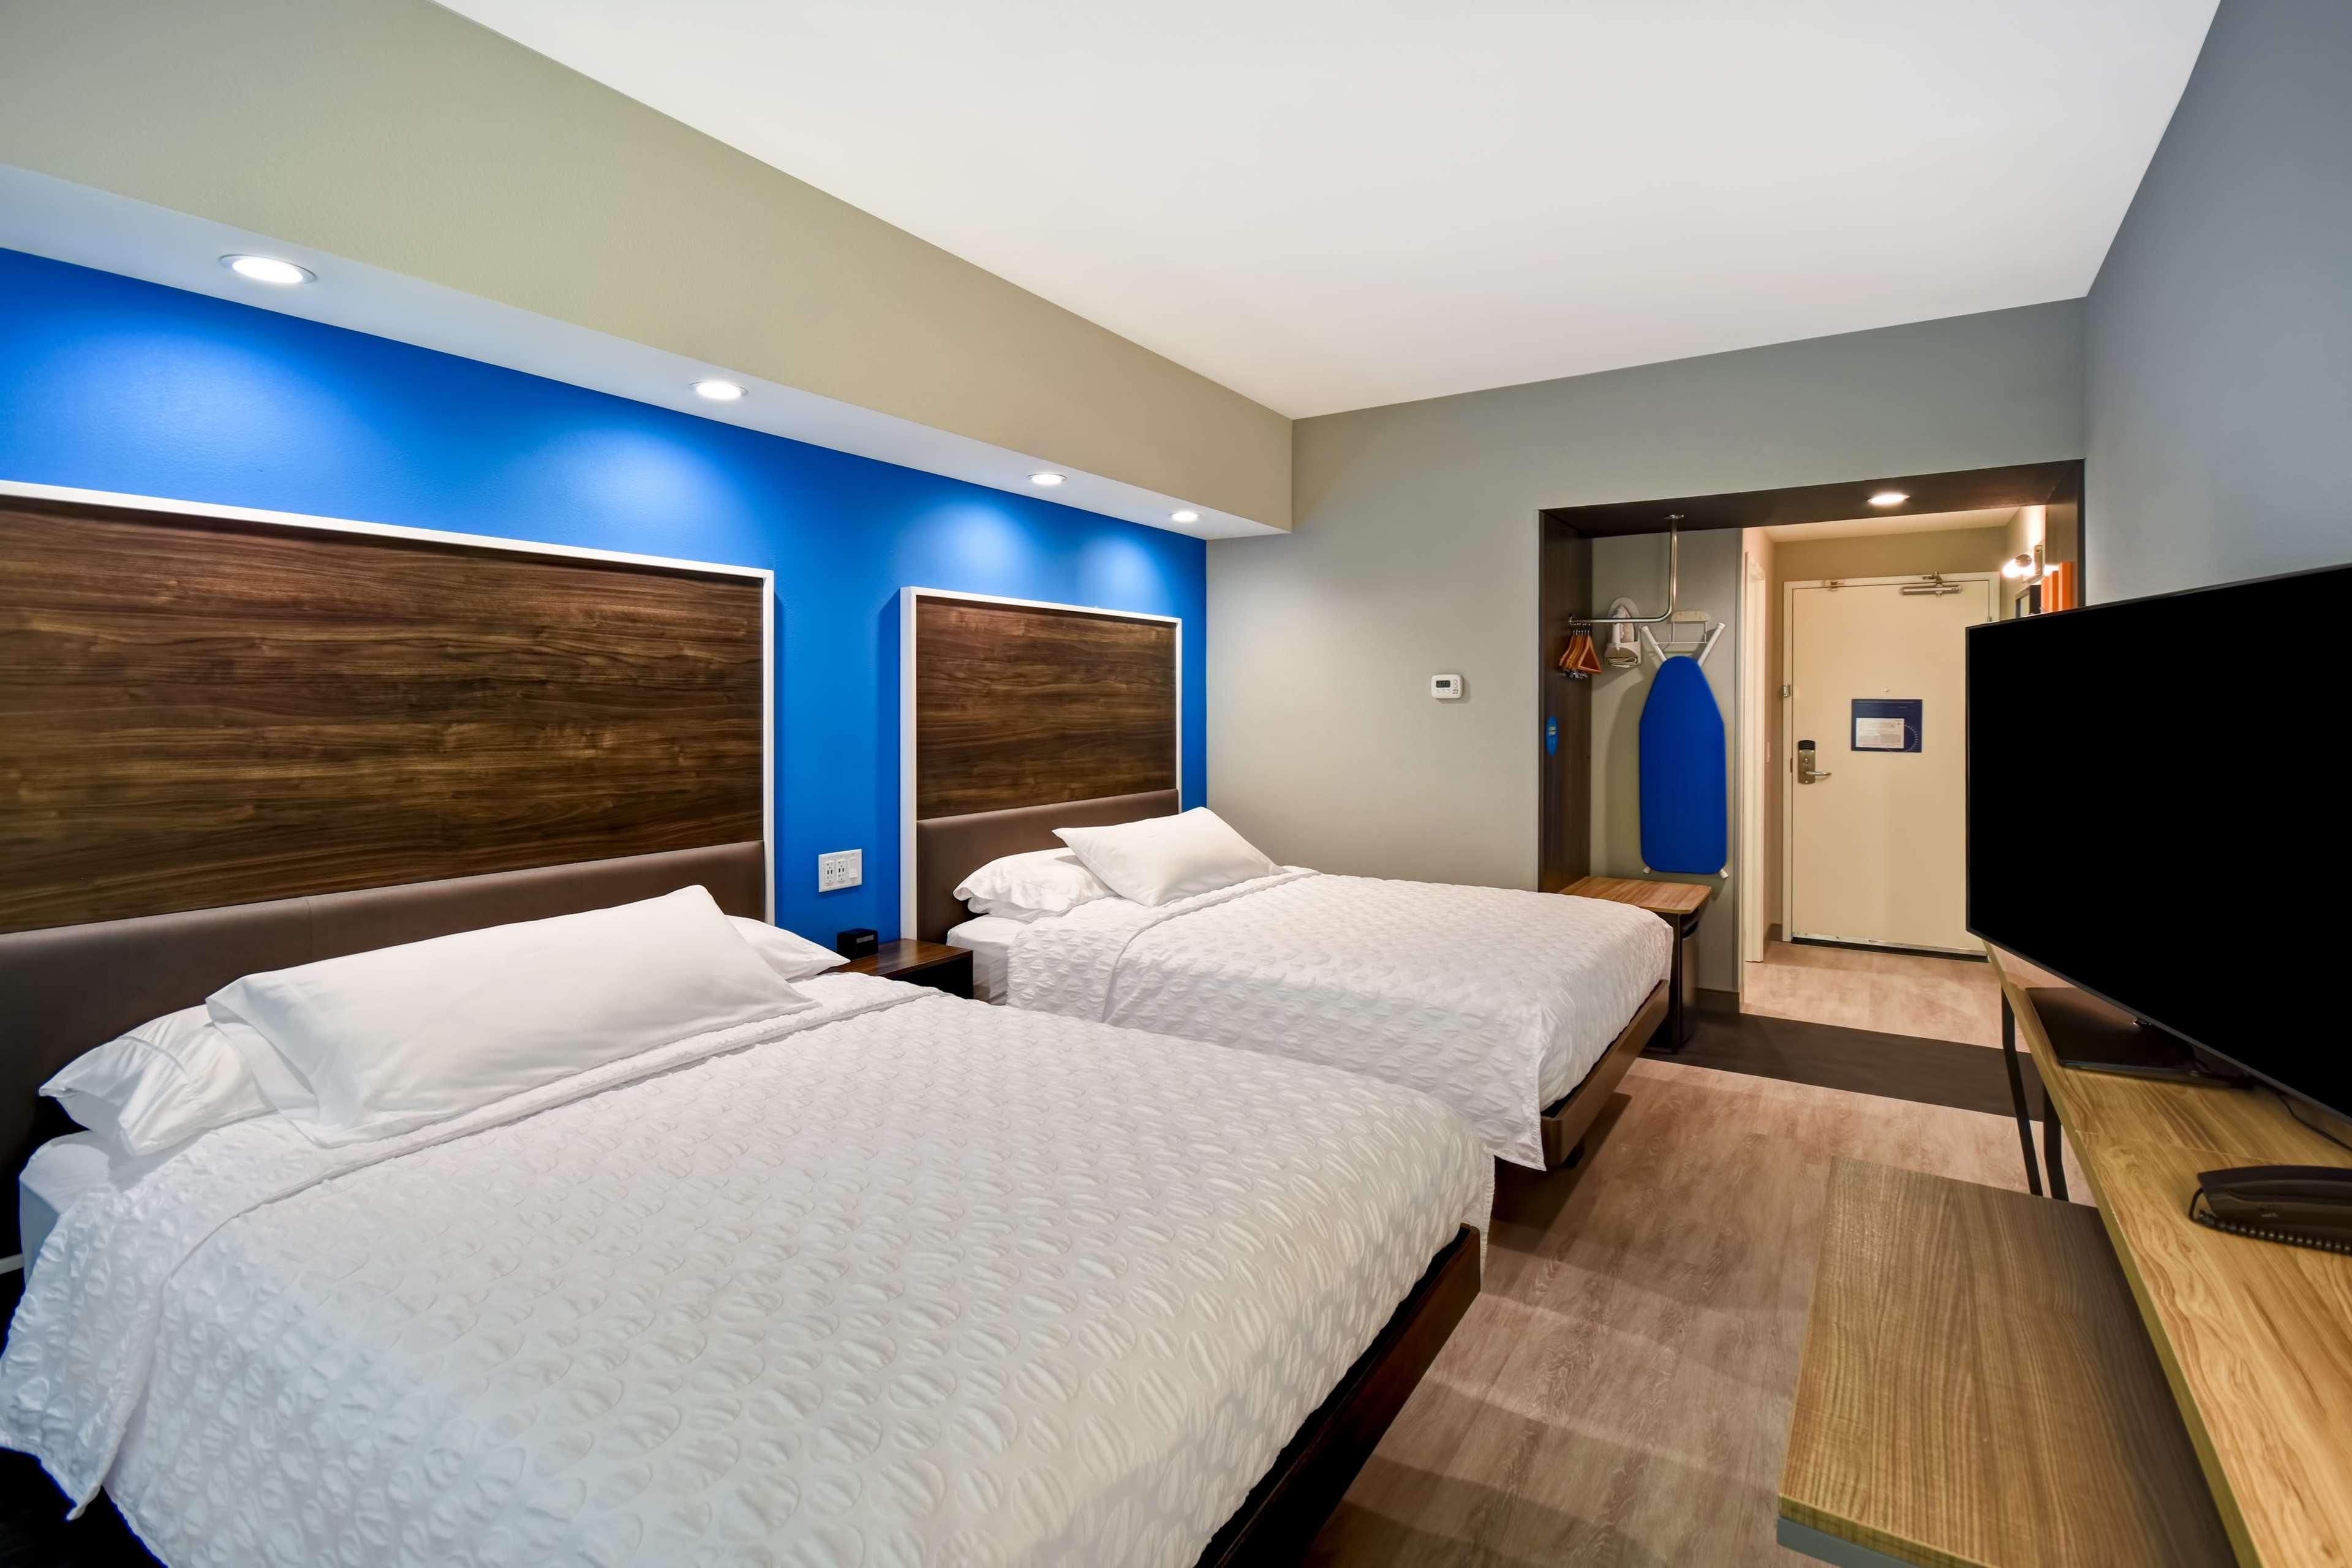 Tru by Hilton Deadwood image 28